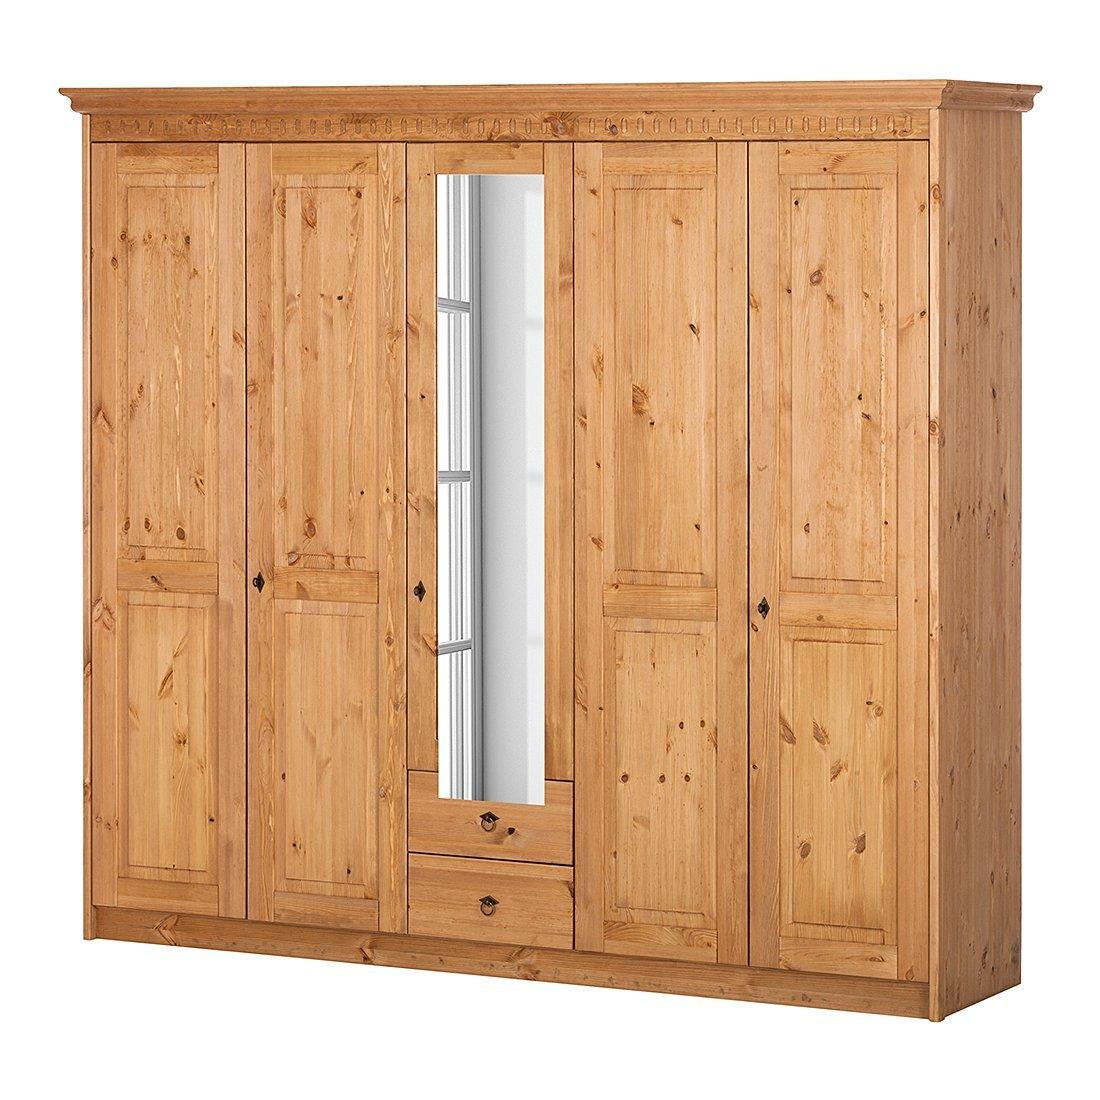 Forestdream 80300135 Francesco Pine massiv antik Kleiderschrank, 5-teilig mit 1 Spiegeltür